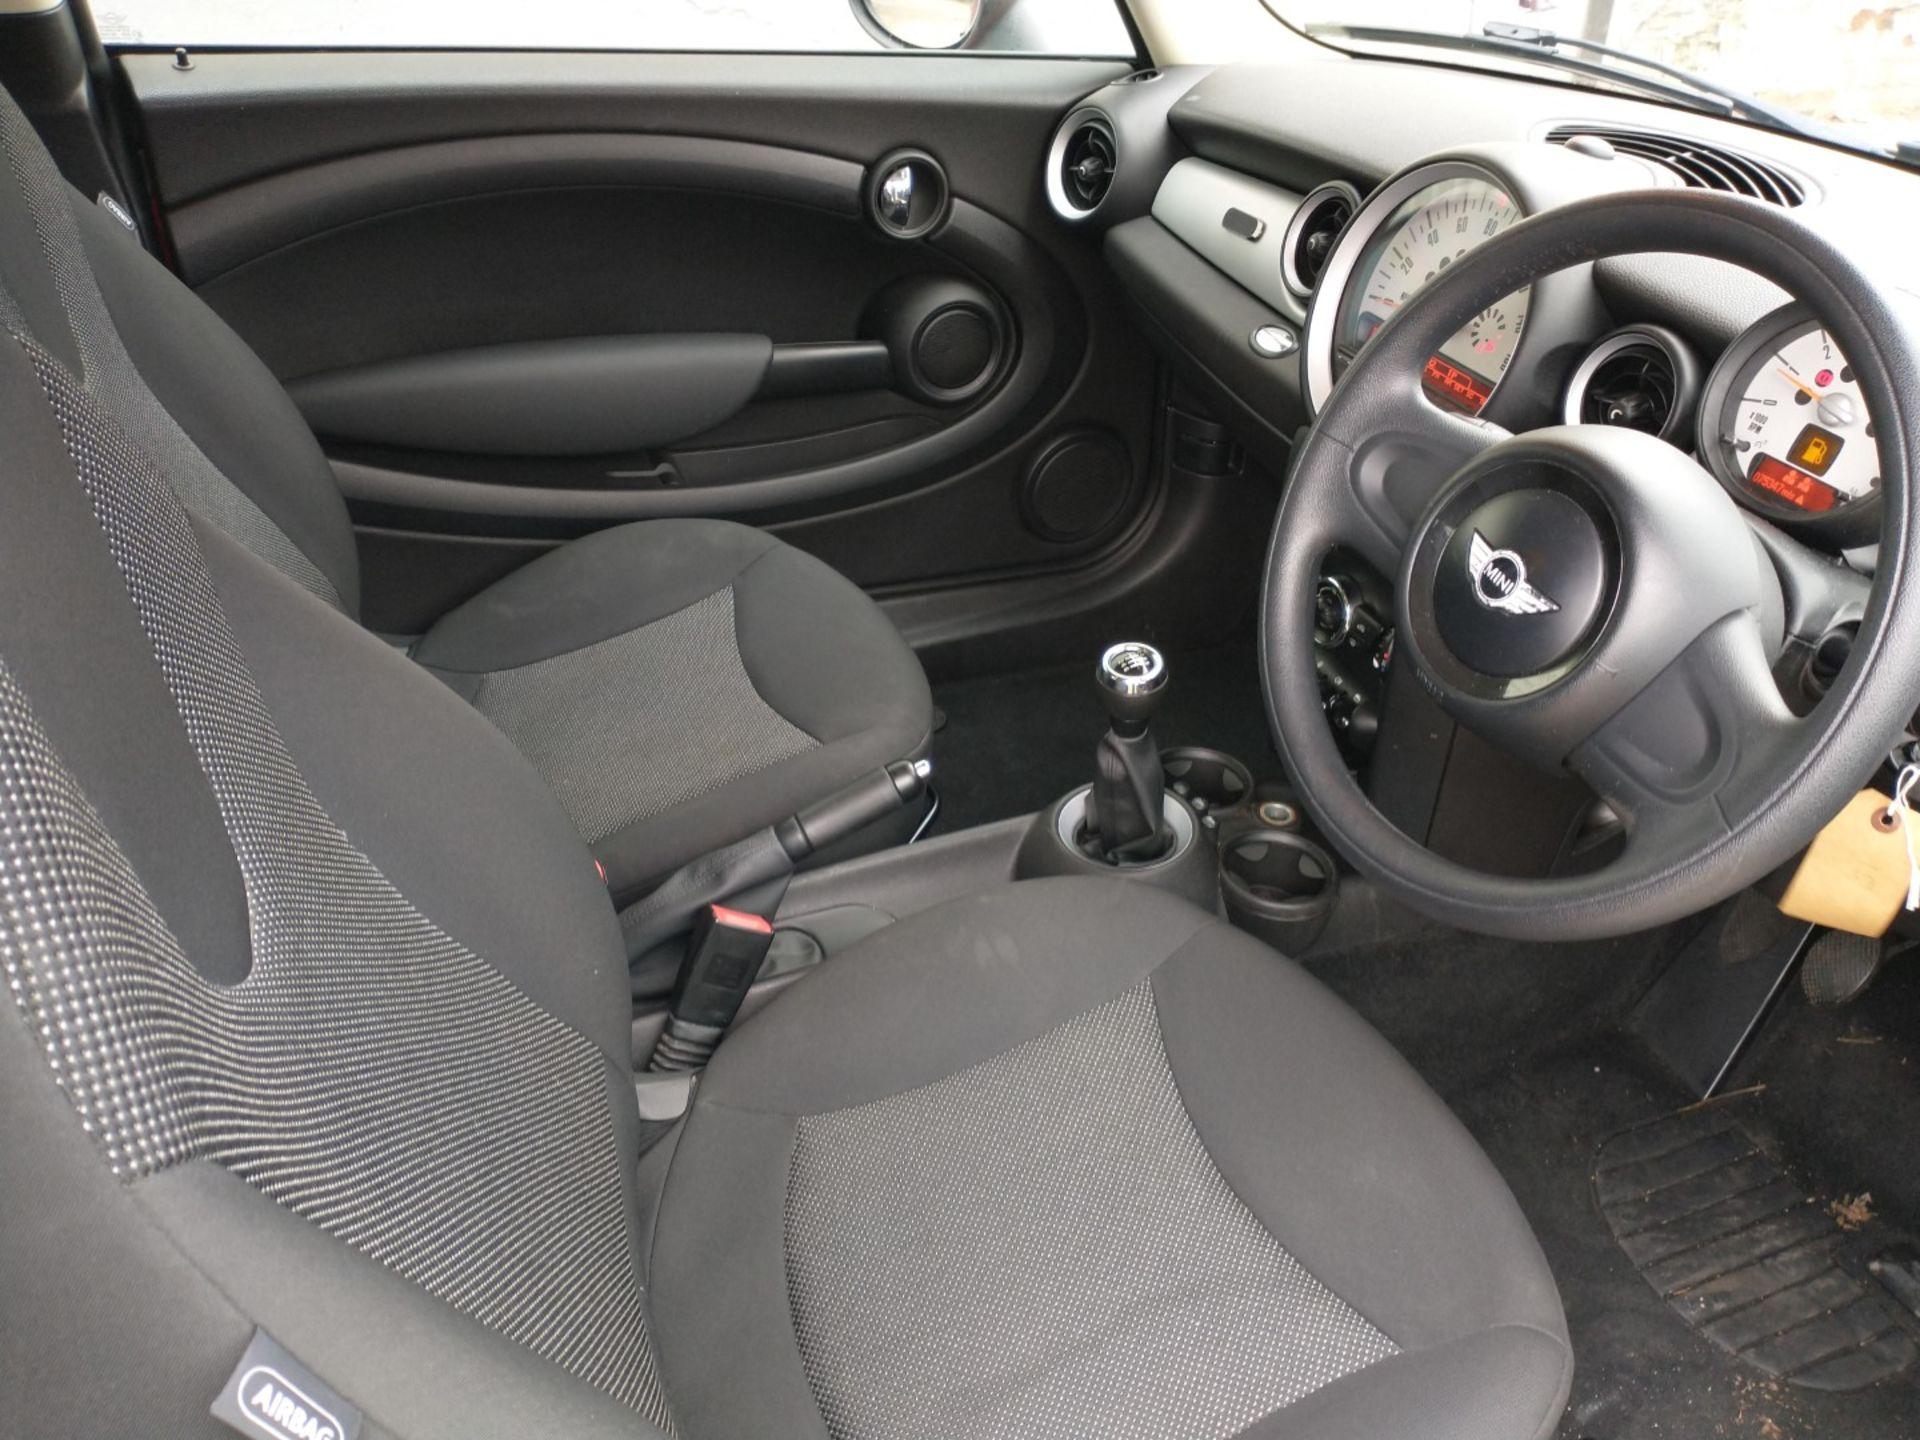 2012 Mini Cooper D 1.6 3Dr Hatchback - CL505 - NO VAT ON THE HAMM - Image 3 of 15